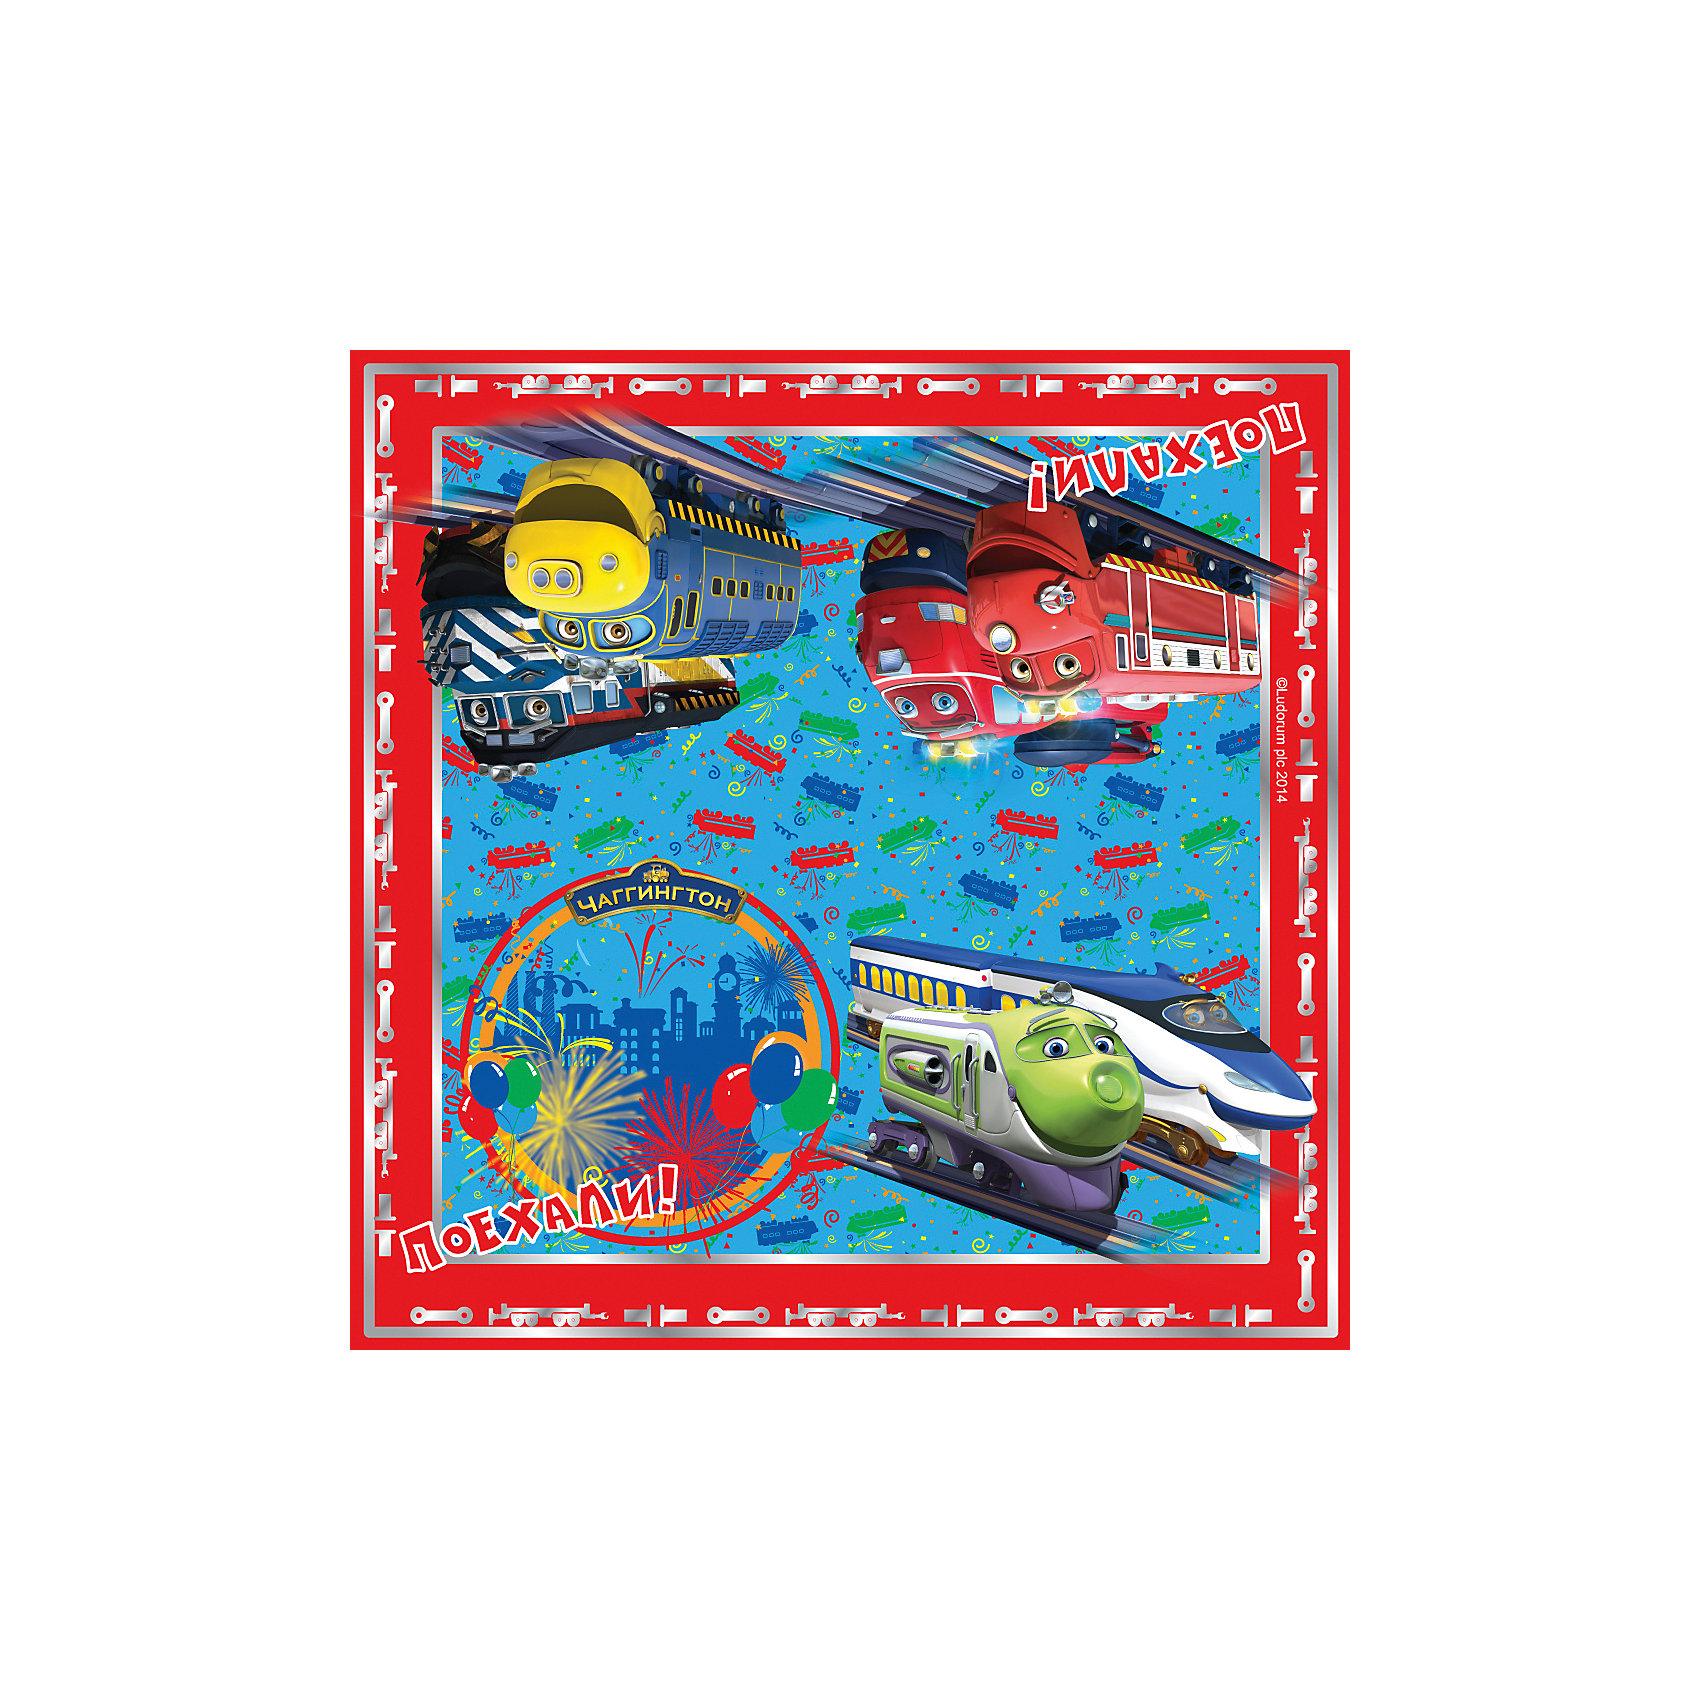 Салфетки Чаггингтон 33*33 см (20 шт)Красиво украсить праздничный стол на детском празднике Вам помогут посуда и аксессуары в стиле любимых детских персонажей. Нарядные салфетки Чаггингтон (Chuggington) выполнены по мотивам одноименного популярного мультсериала и украшены изображениями его героев - веселых паровозиков. Этот симпатичный аксессуар поможет сделать детский праздник ярким и запоминающимся. Комплект включает в себя 20 красочных двухслойных салфеток.<br><br>Дополнительная информация:<br><br>- В комплекте: 20 штук.<br>- Размер салфетки: 33 х 33 см.<br>- Размер упаковки: 16,5 х 16,5 х 1,5 см.<br>- Вес: 85 гр.<br><br>Салфетки Чаггингтон (Chuggington), 20 шт., можно купить в нашем интернет-магазине.<br><br>Ширина мм: 165<br>Глубина мм: 165<br>Высота мм: 15<br>Вес г: 85<br>Возраст от месяцев: 36<br>Возраст до месяцев: 108<br>Пол: Мужской<br>Возраст: Детский<br>SKU: 4046815